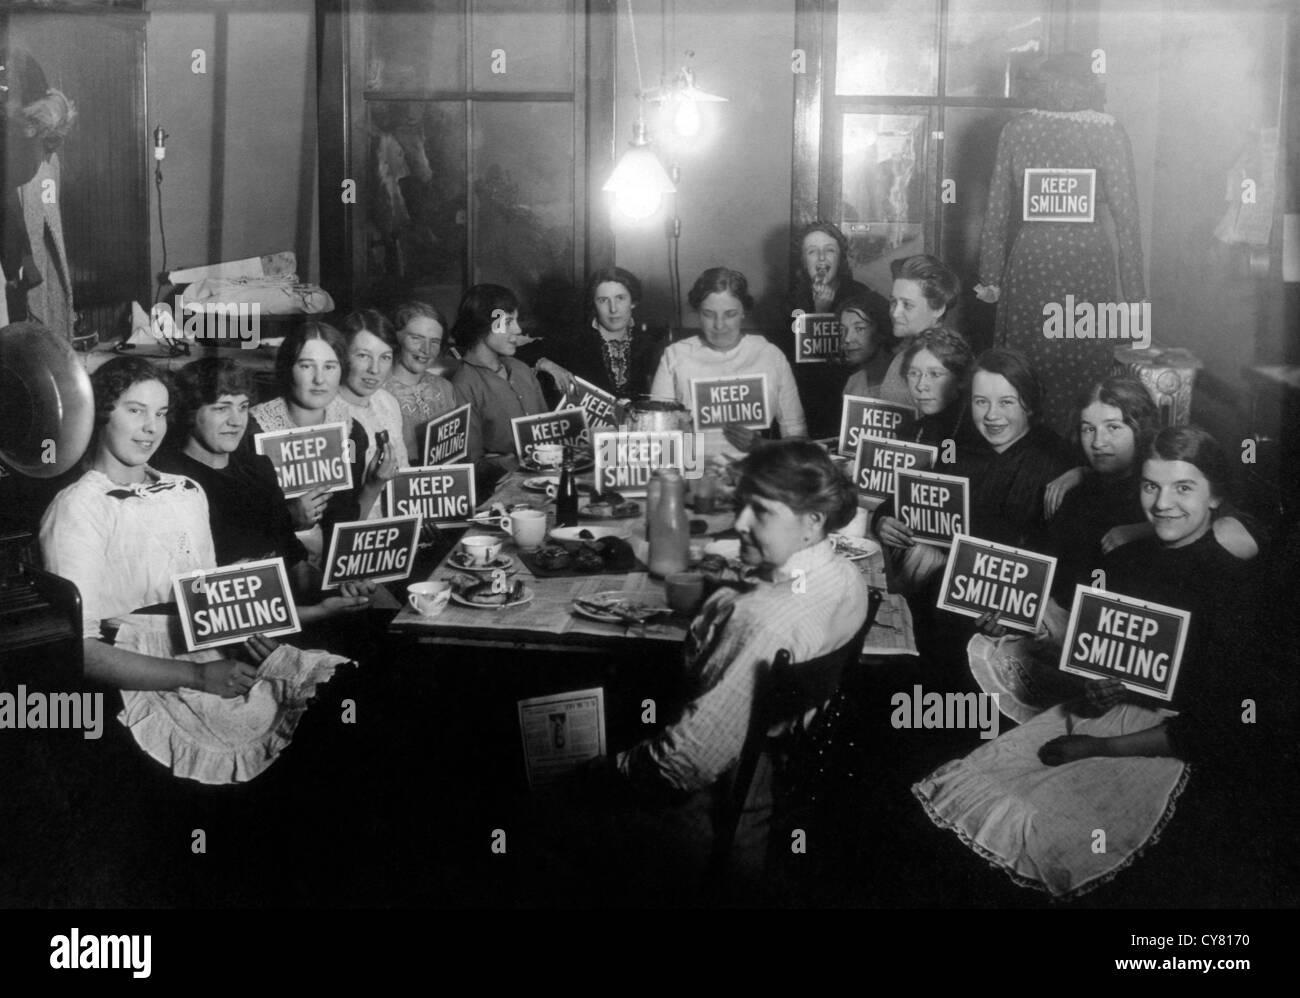 Näherinnen am Mittag brechen, halten halten lächelnd Zeichen, ca. 1914 Stockfoto